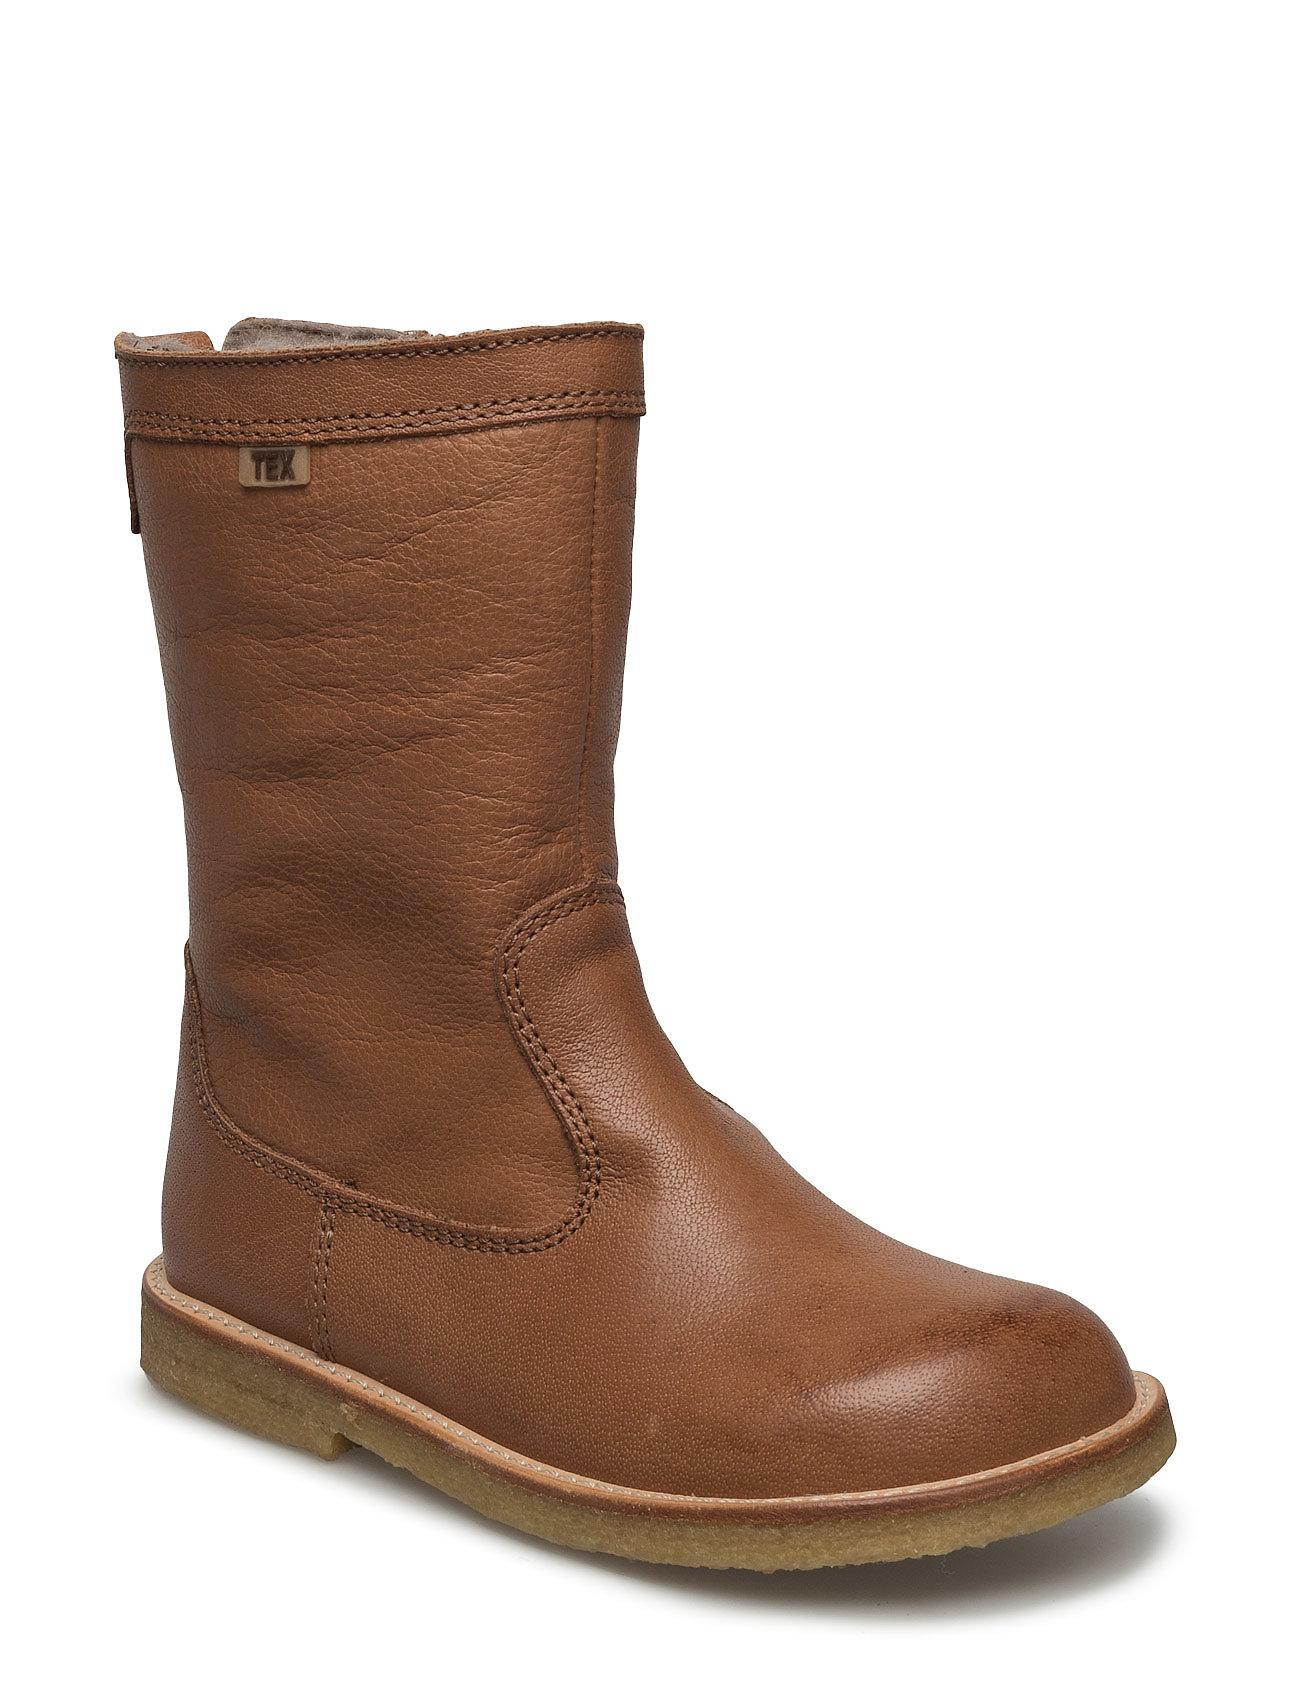 Tex Boot Bisgaard Støvler til Børn i cognac